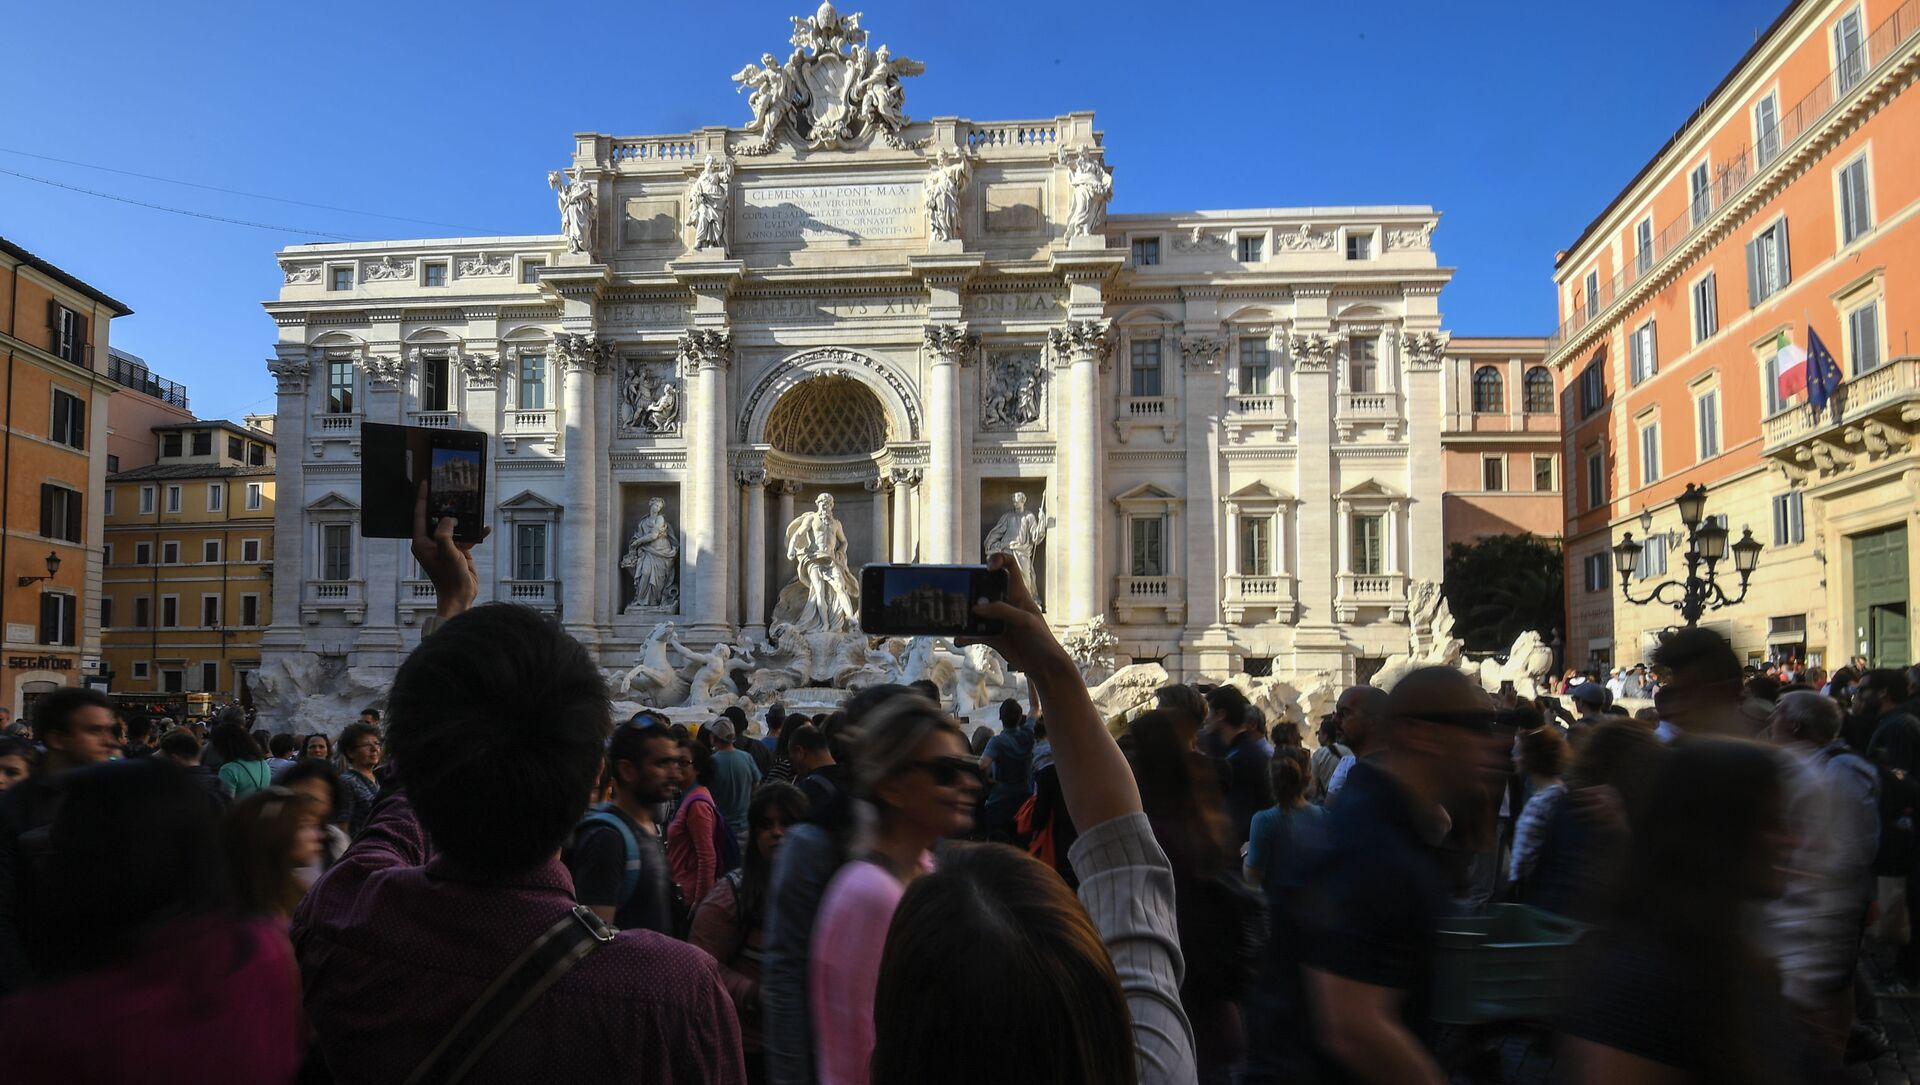 Turisti vicino alla Fontana di Trevi a Roma - Sputnik Italia, 1920, 28.02.2021